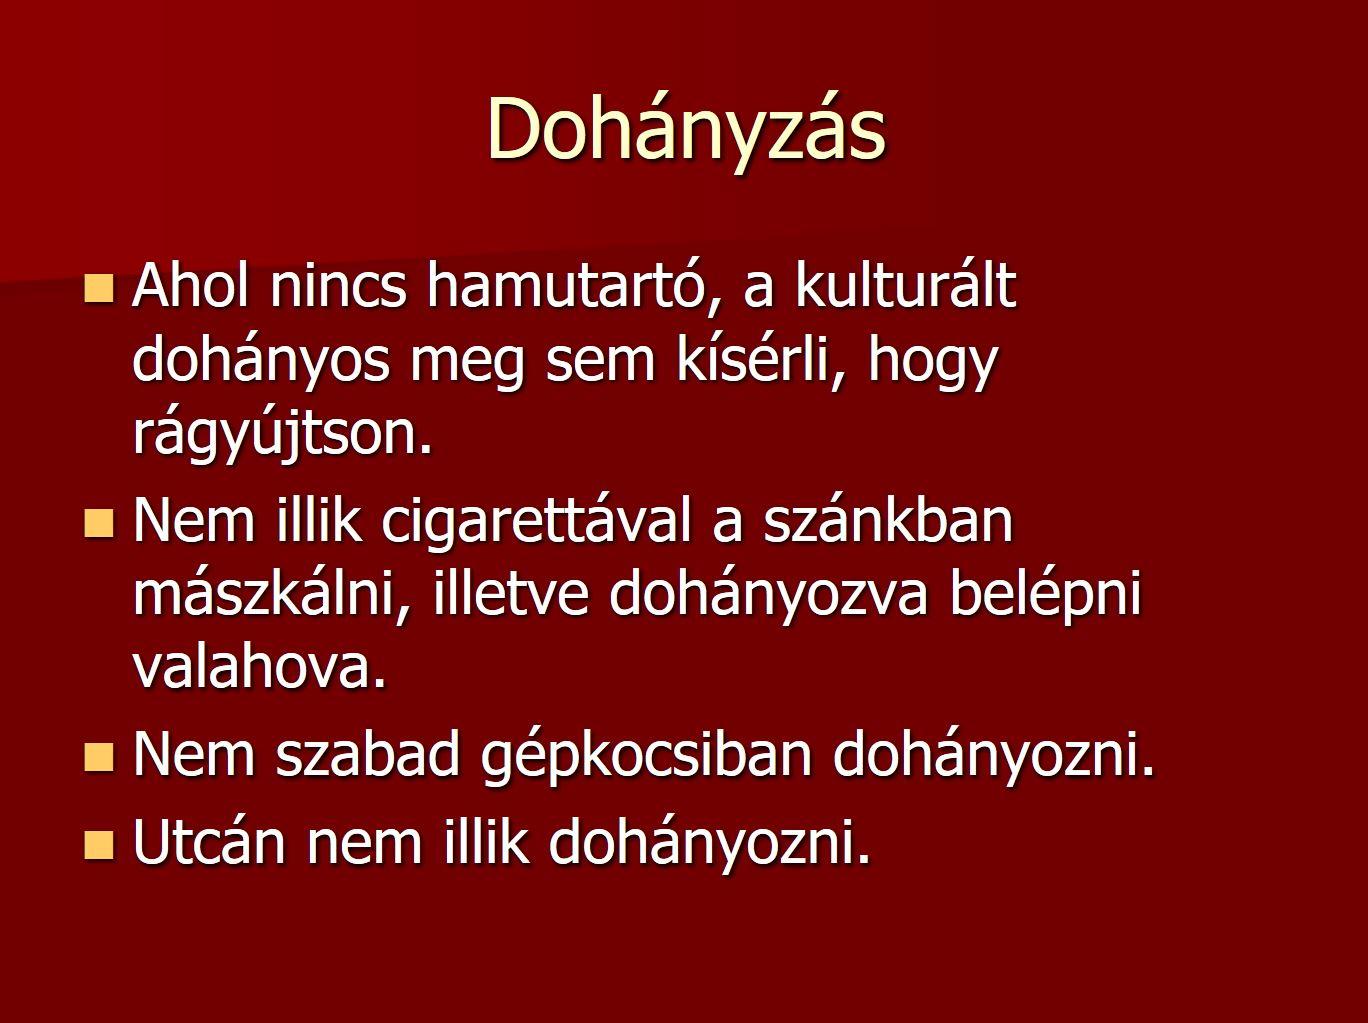 szivar_etikett_dohanyzas_illemtana_szivarozas_1.JPG